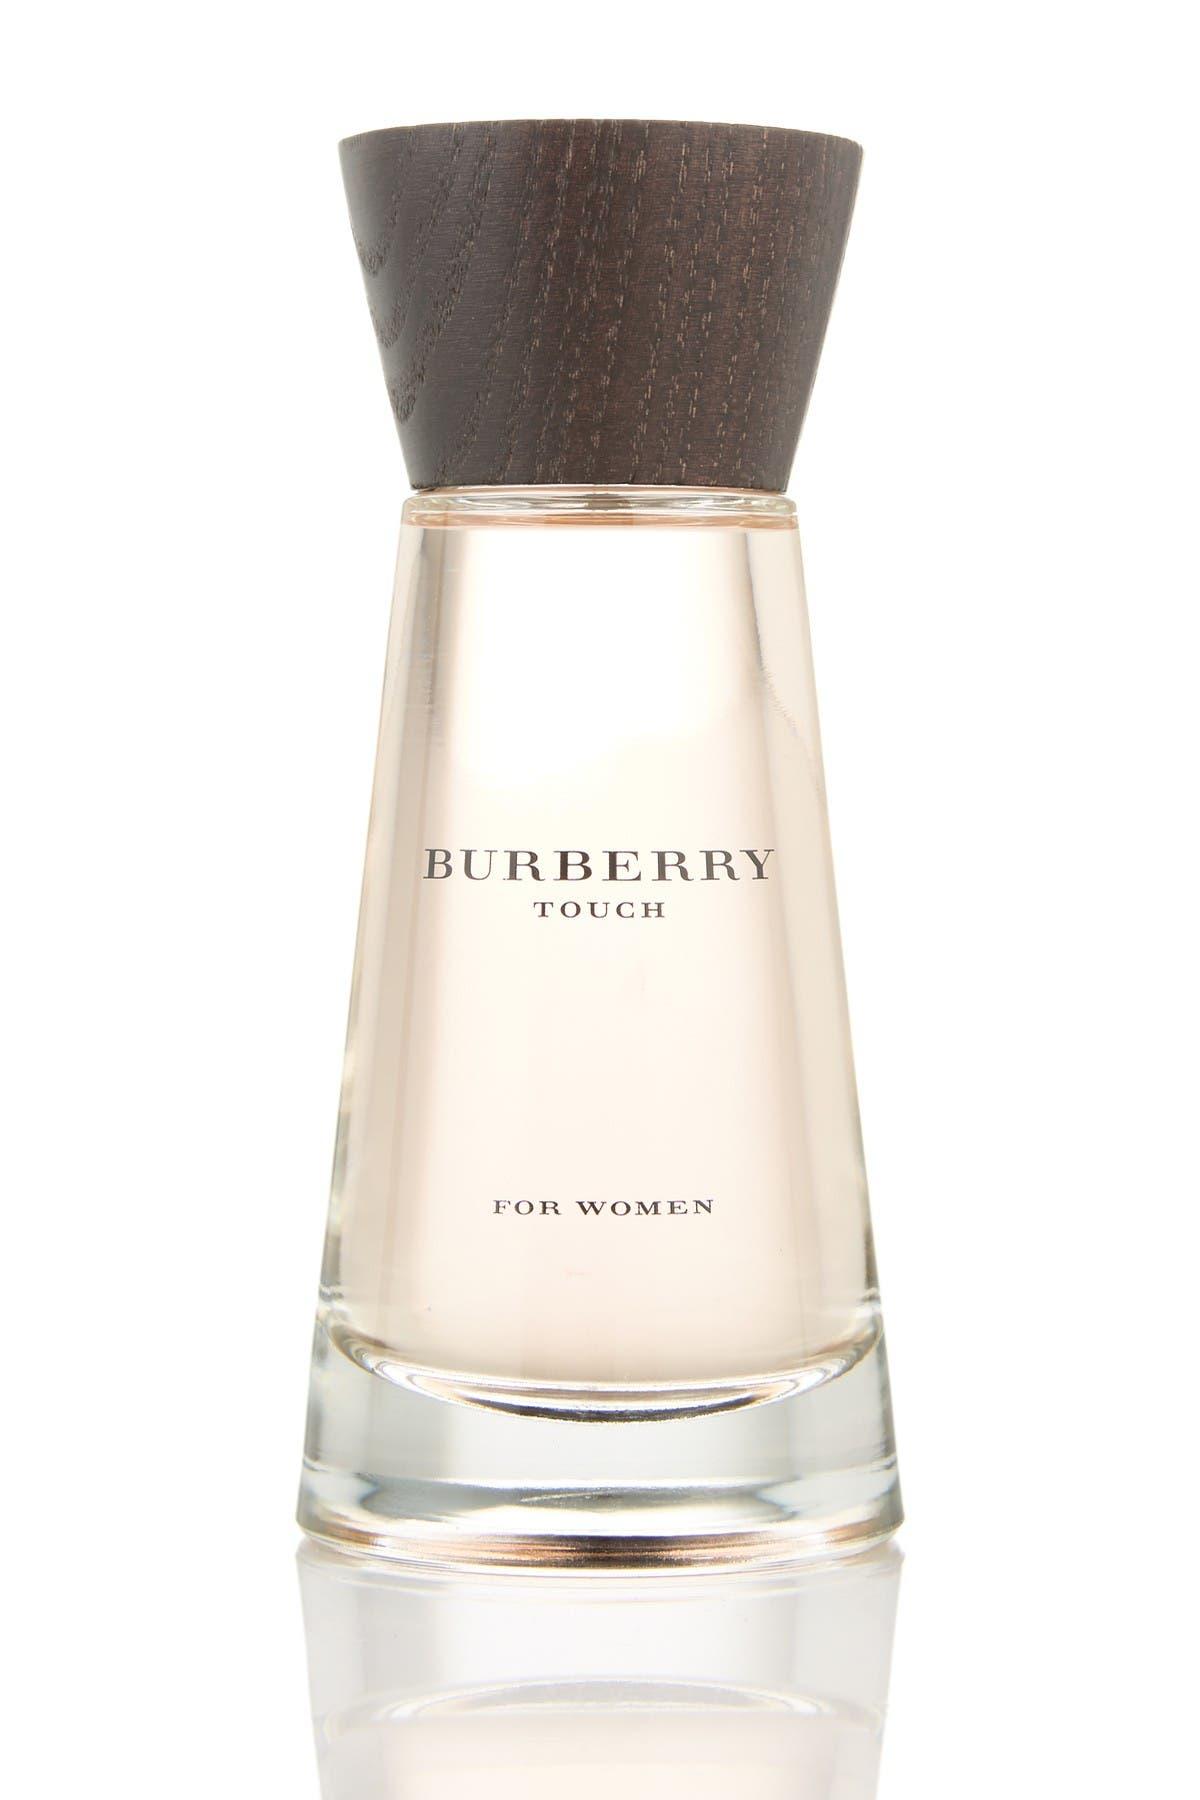 Image of Burberry Touch for Women Women's Eau de Parfum Spray - 3.3 oz.